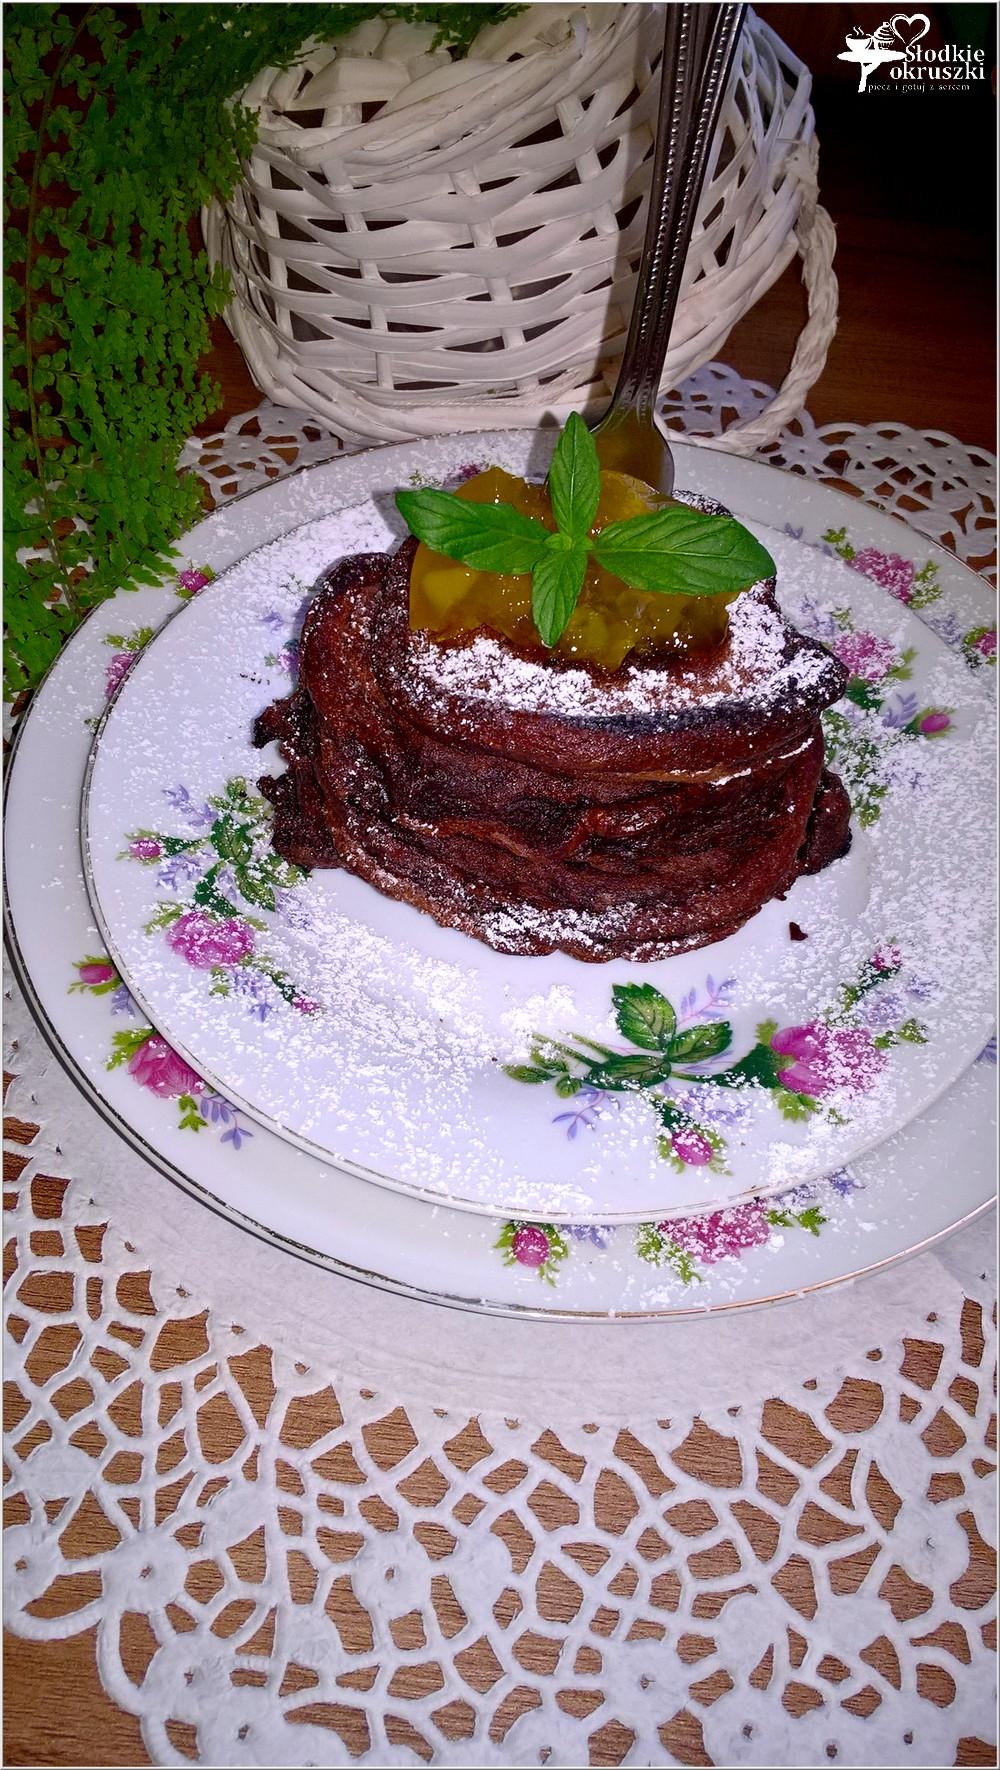 Szybkie czekoladowe placuszki z dżemem (1)